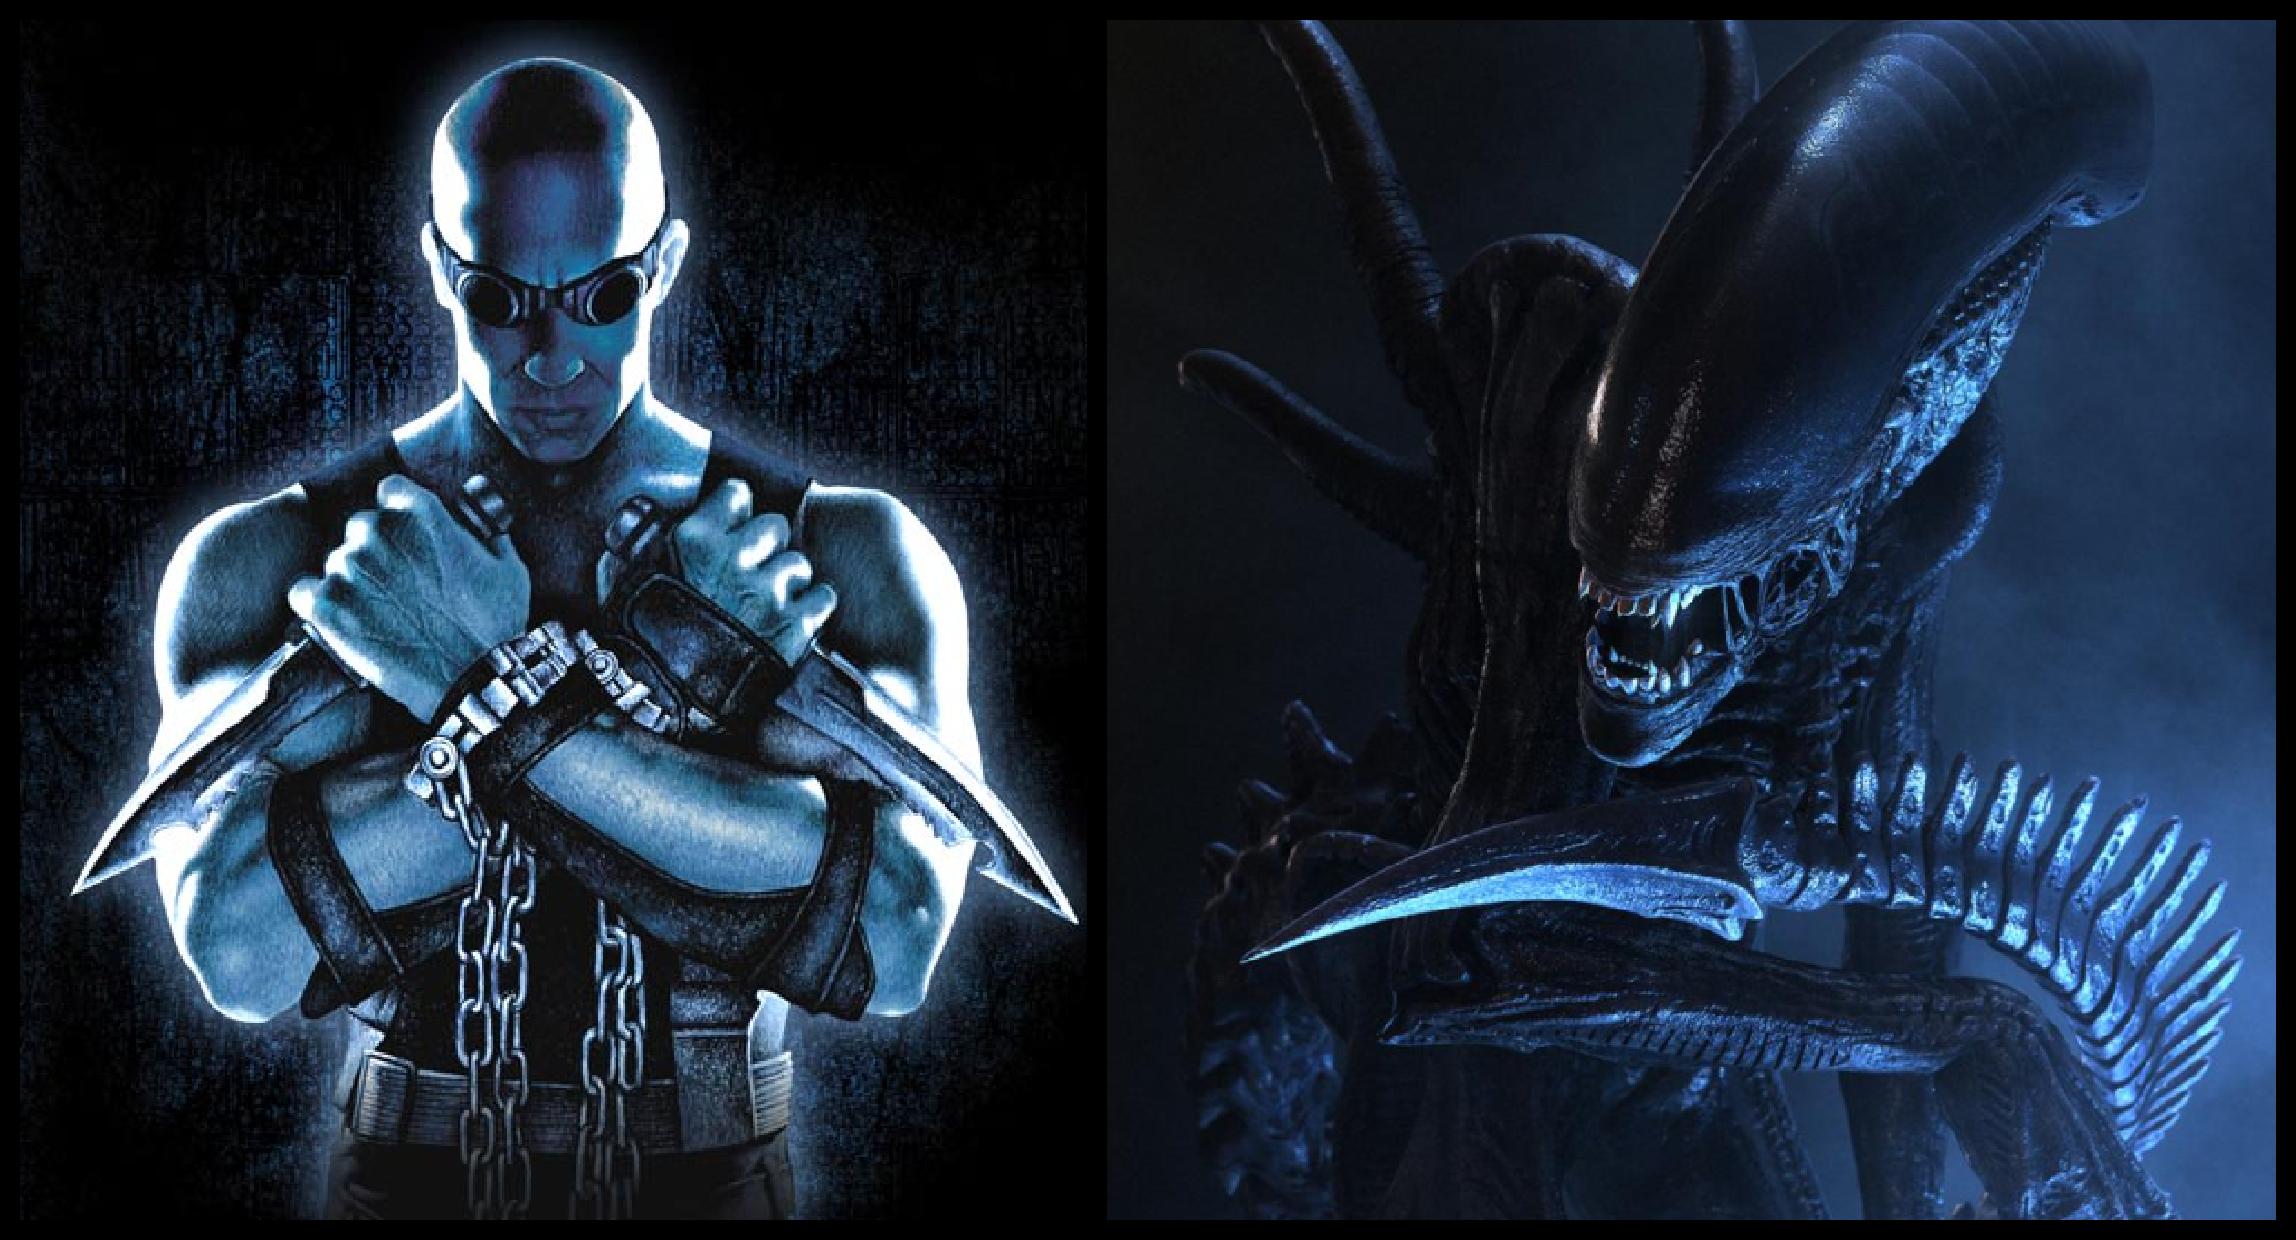 Riddick vs Alien Crossover